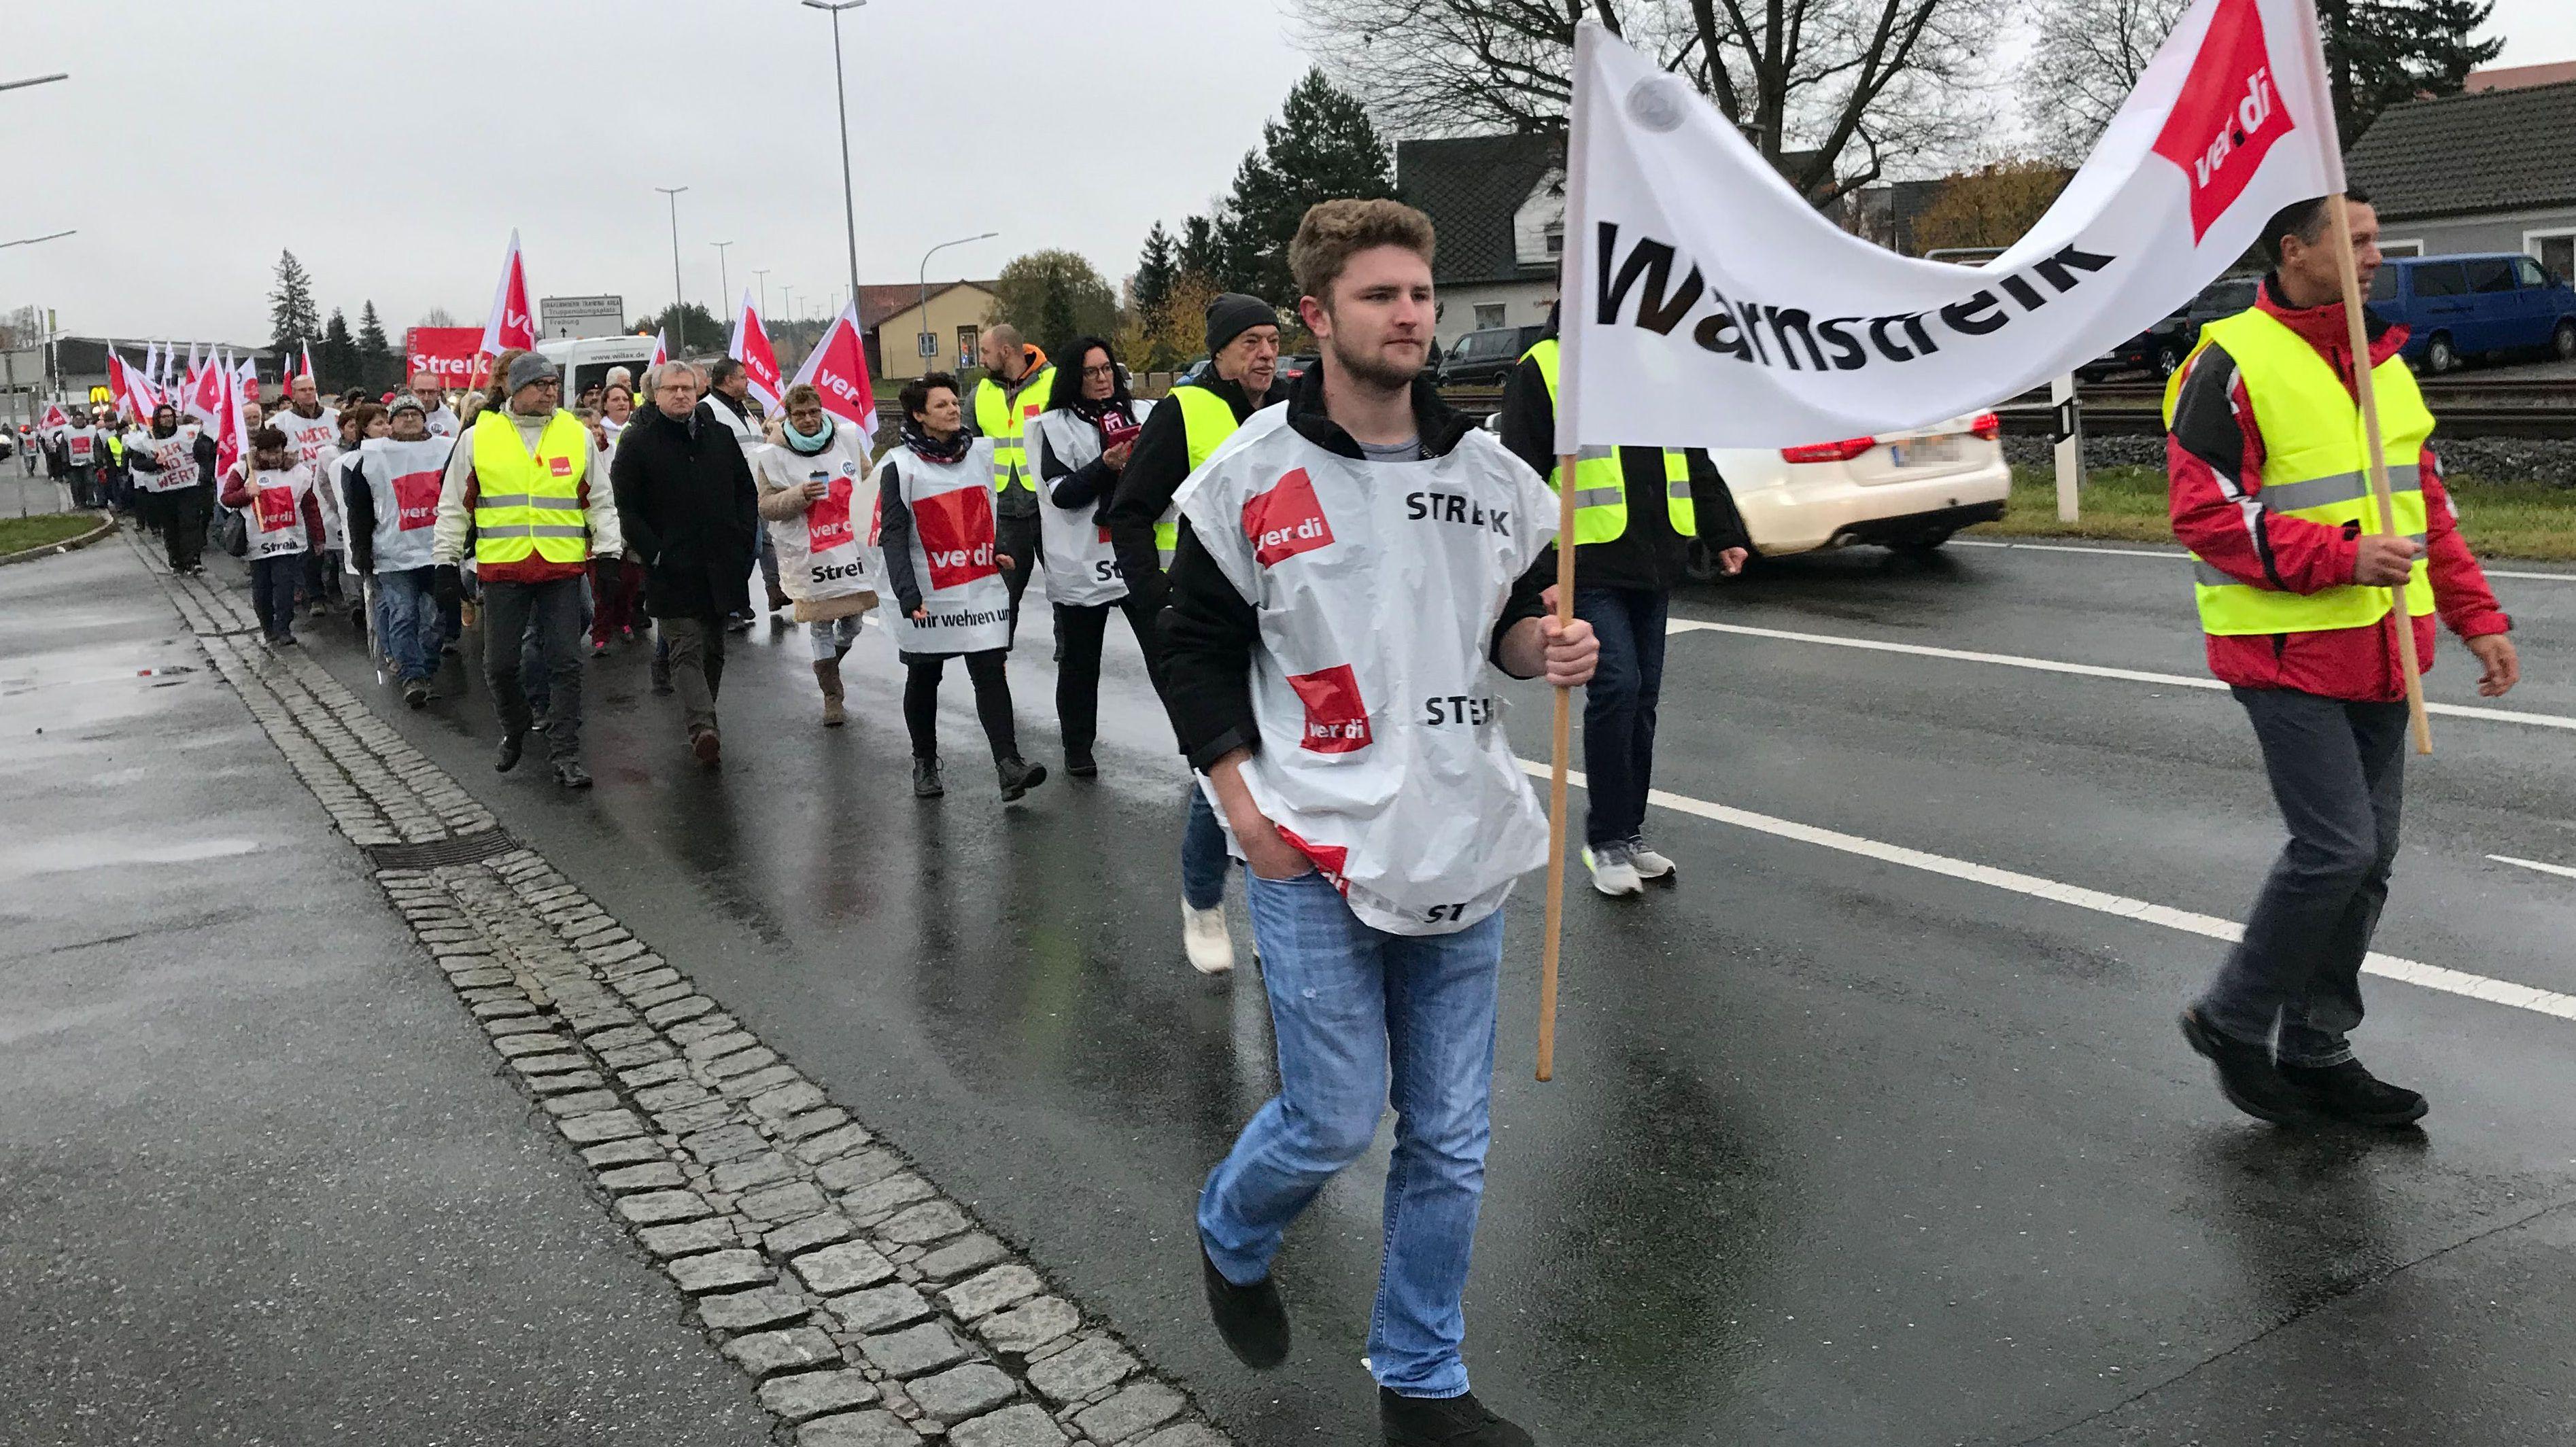 Zahlreiche Zivilbeschäftigte der US-Armee sind dem Warnstreik-Aufruf der Gewerkschaft Verdi gefolgt.